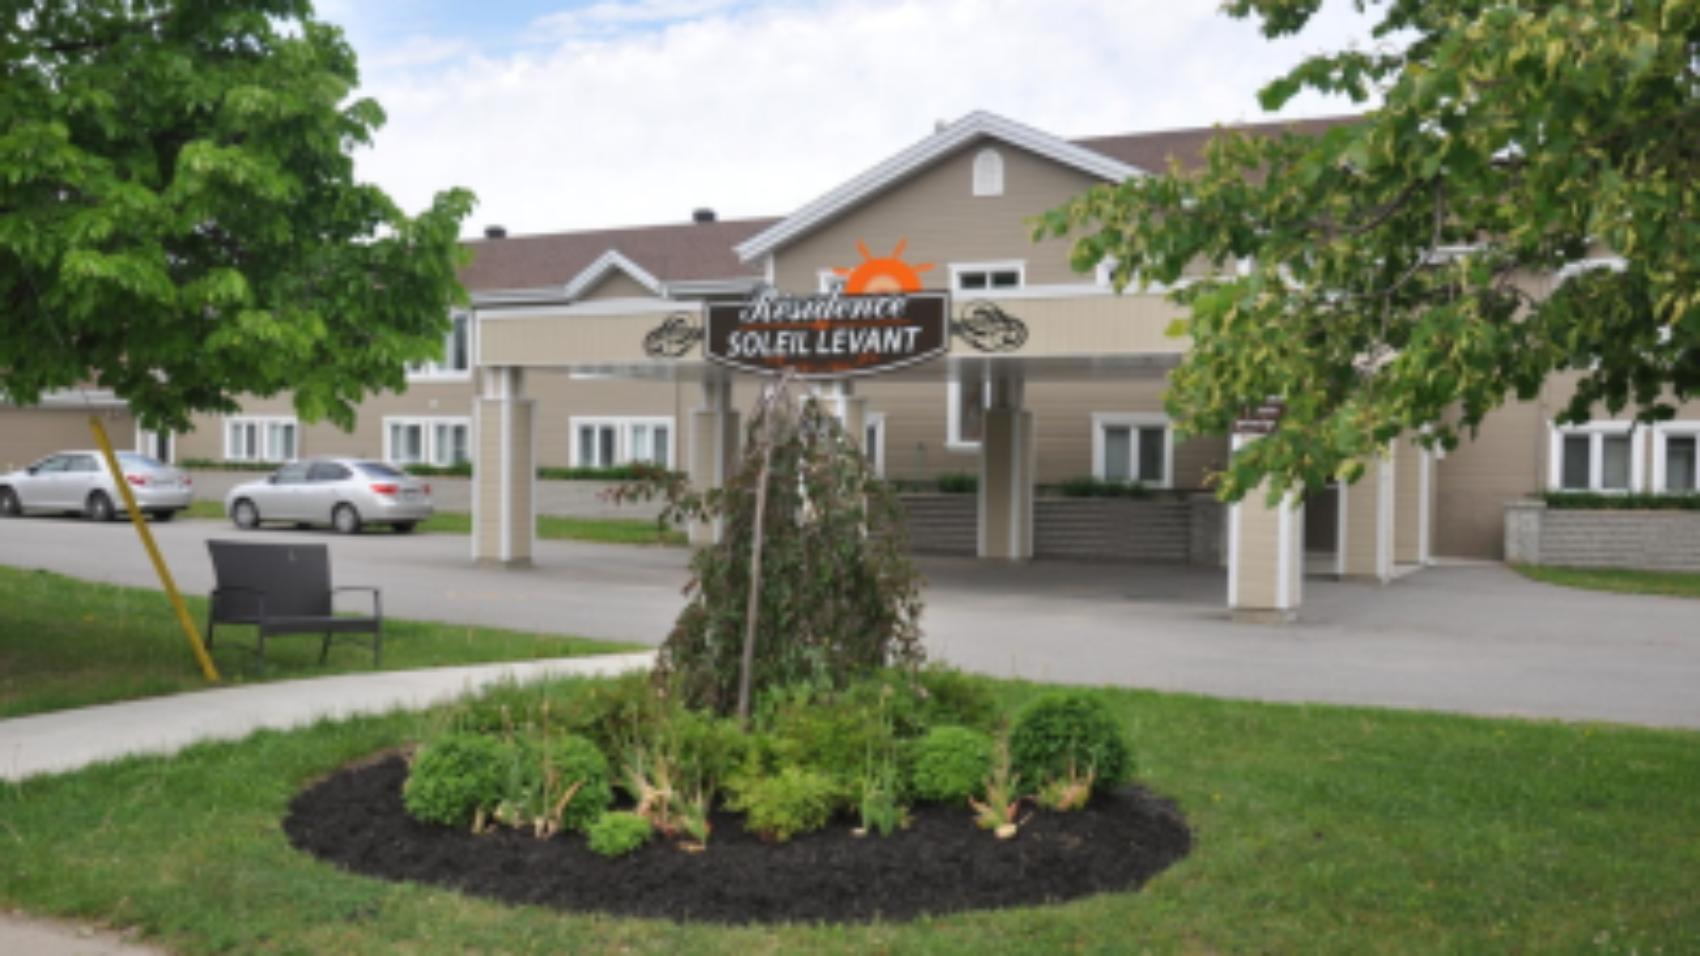 residence-au-soleil-levant-3088796-1024x680